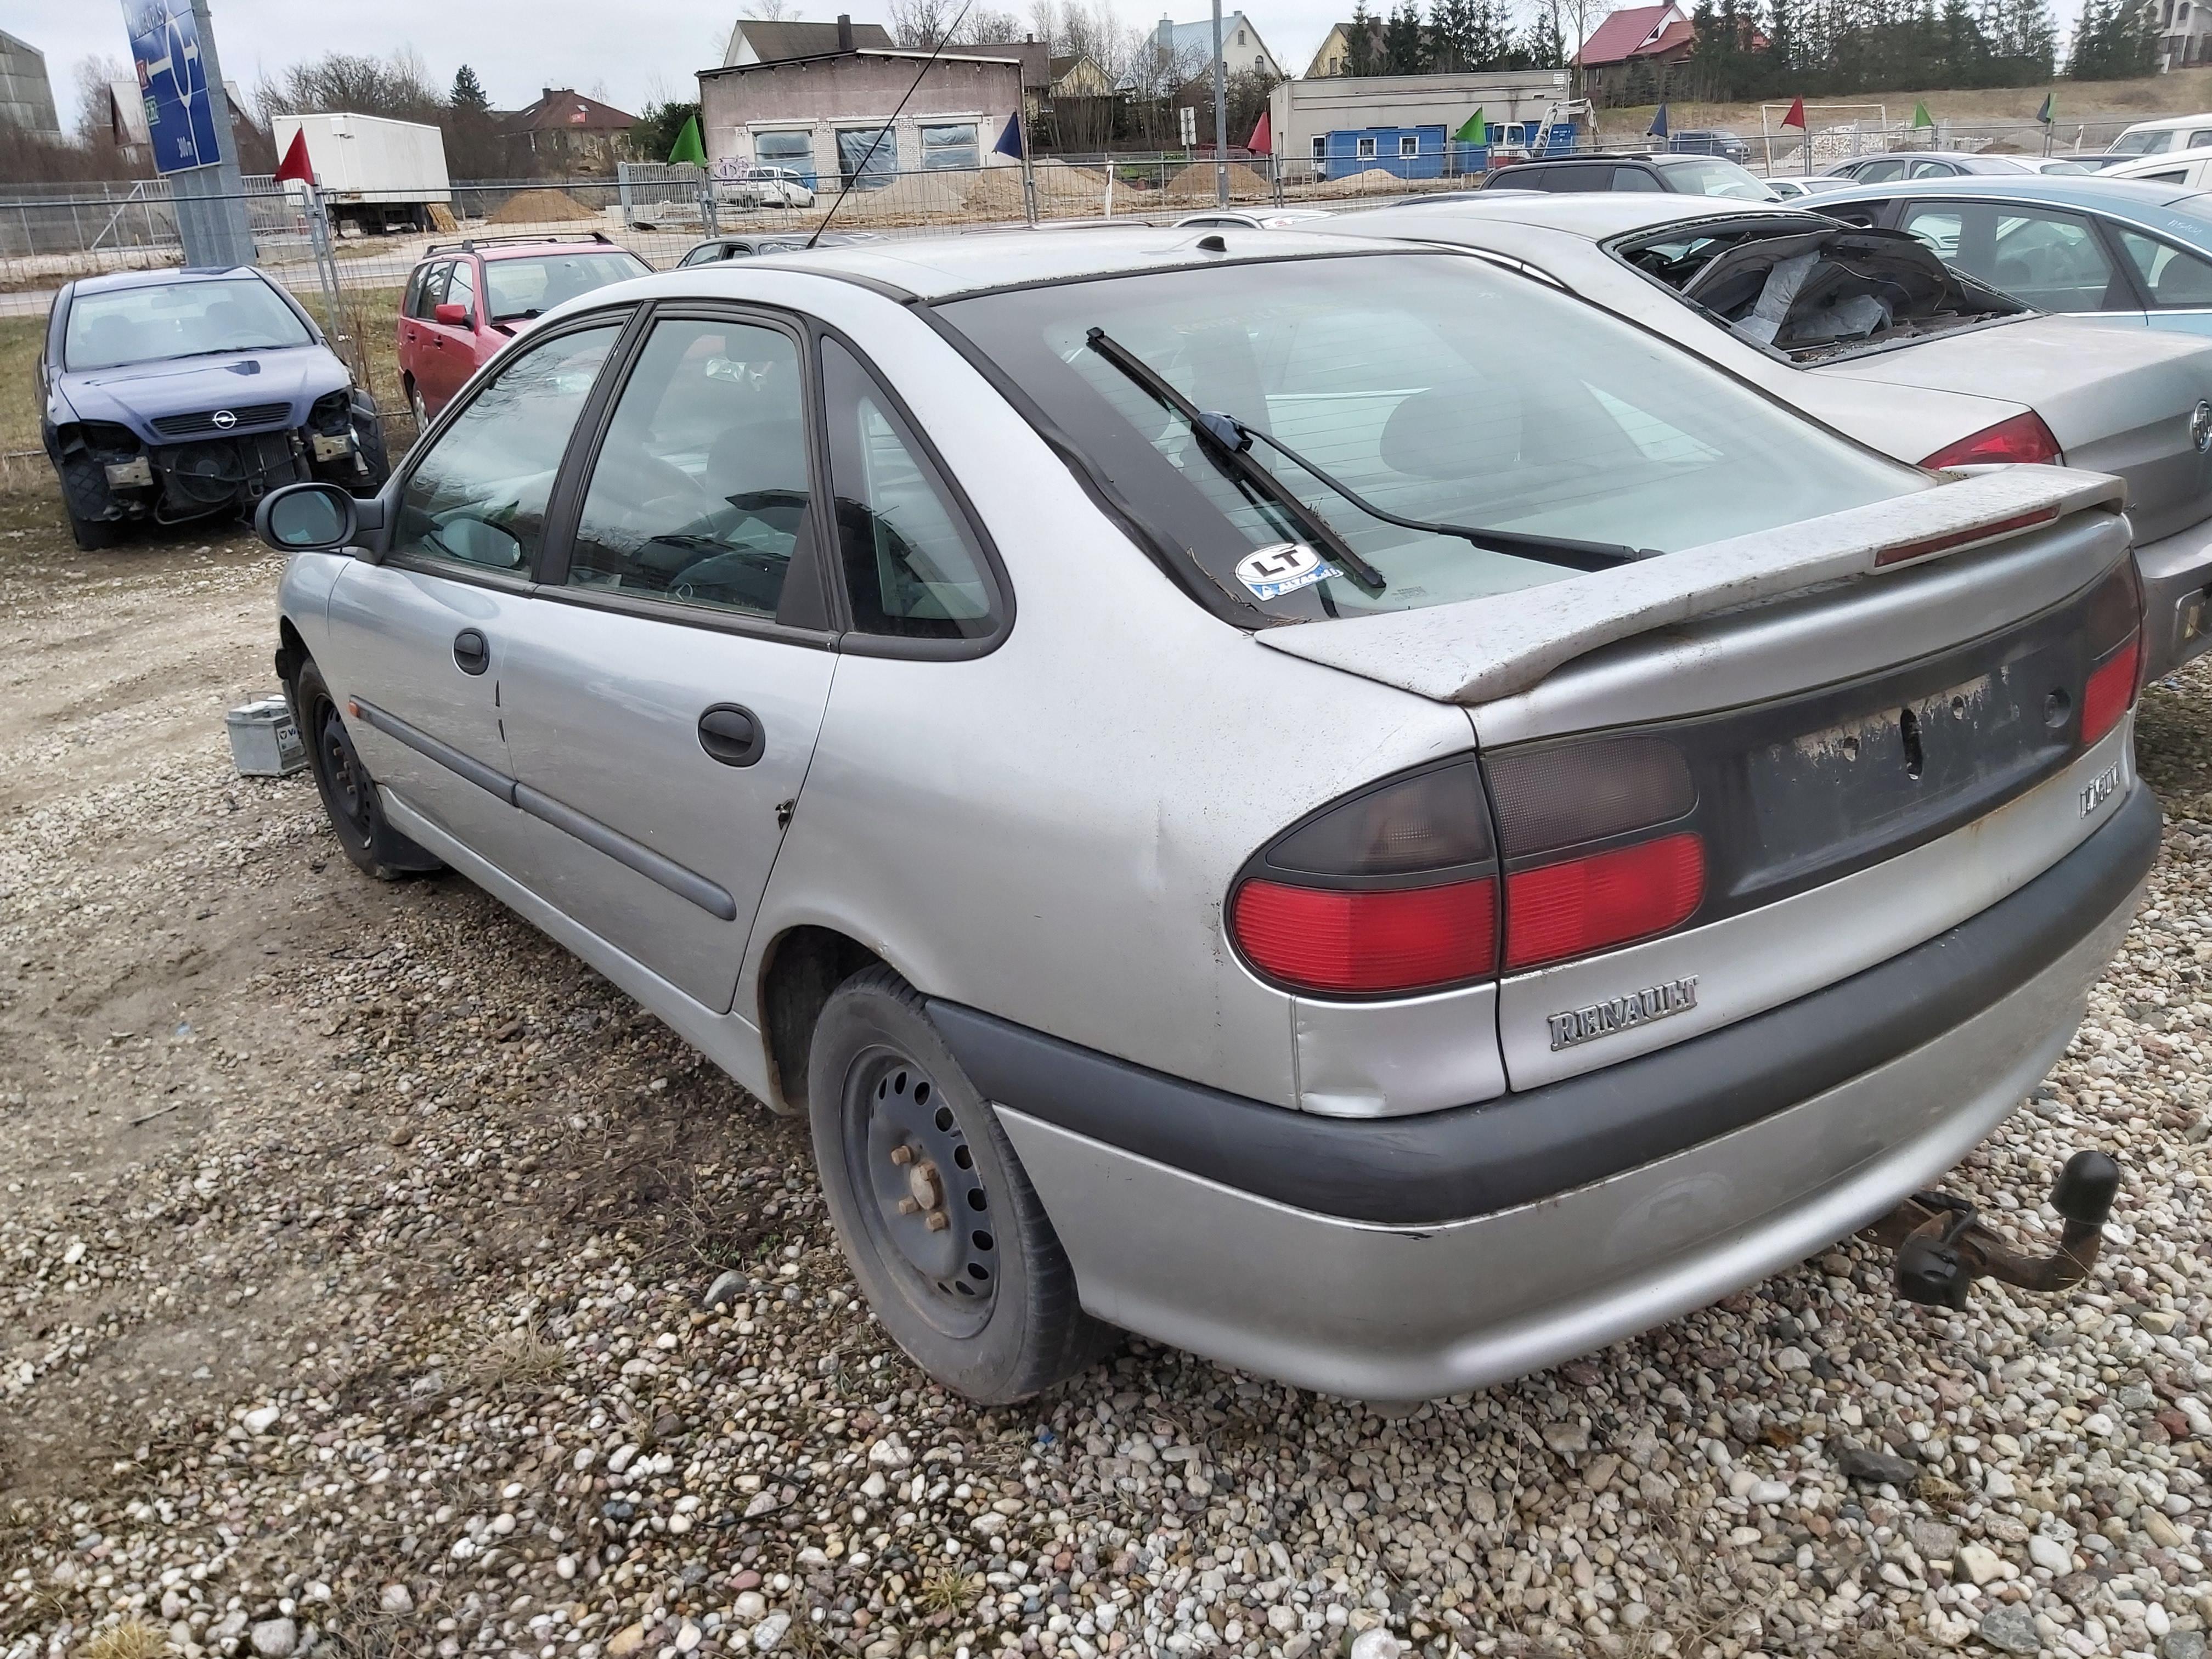 Подержанные Автозапчасти Renault LAGUNA 1995 1.8 машиностроение хэтчбэк 4/5 d. серебро 2020-3-18